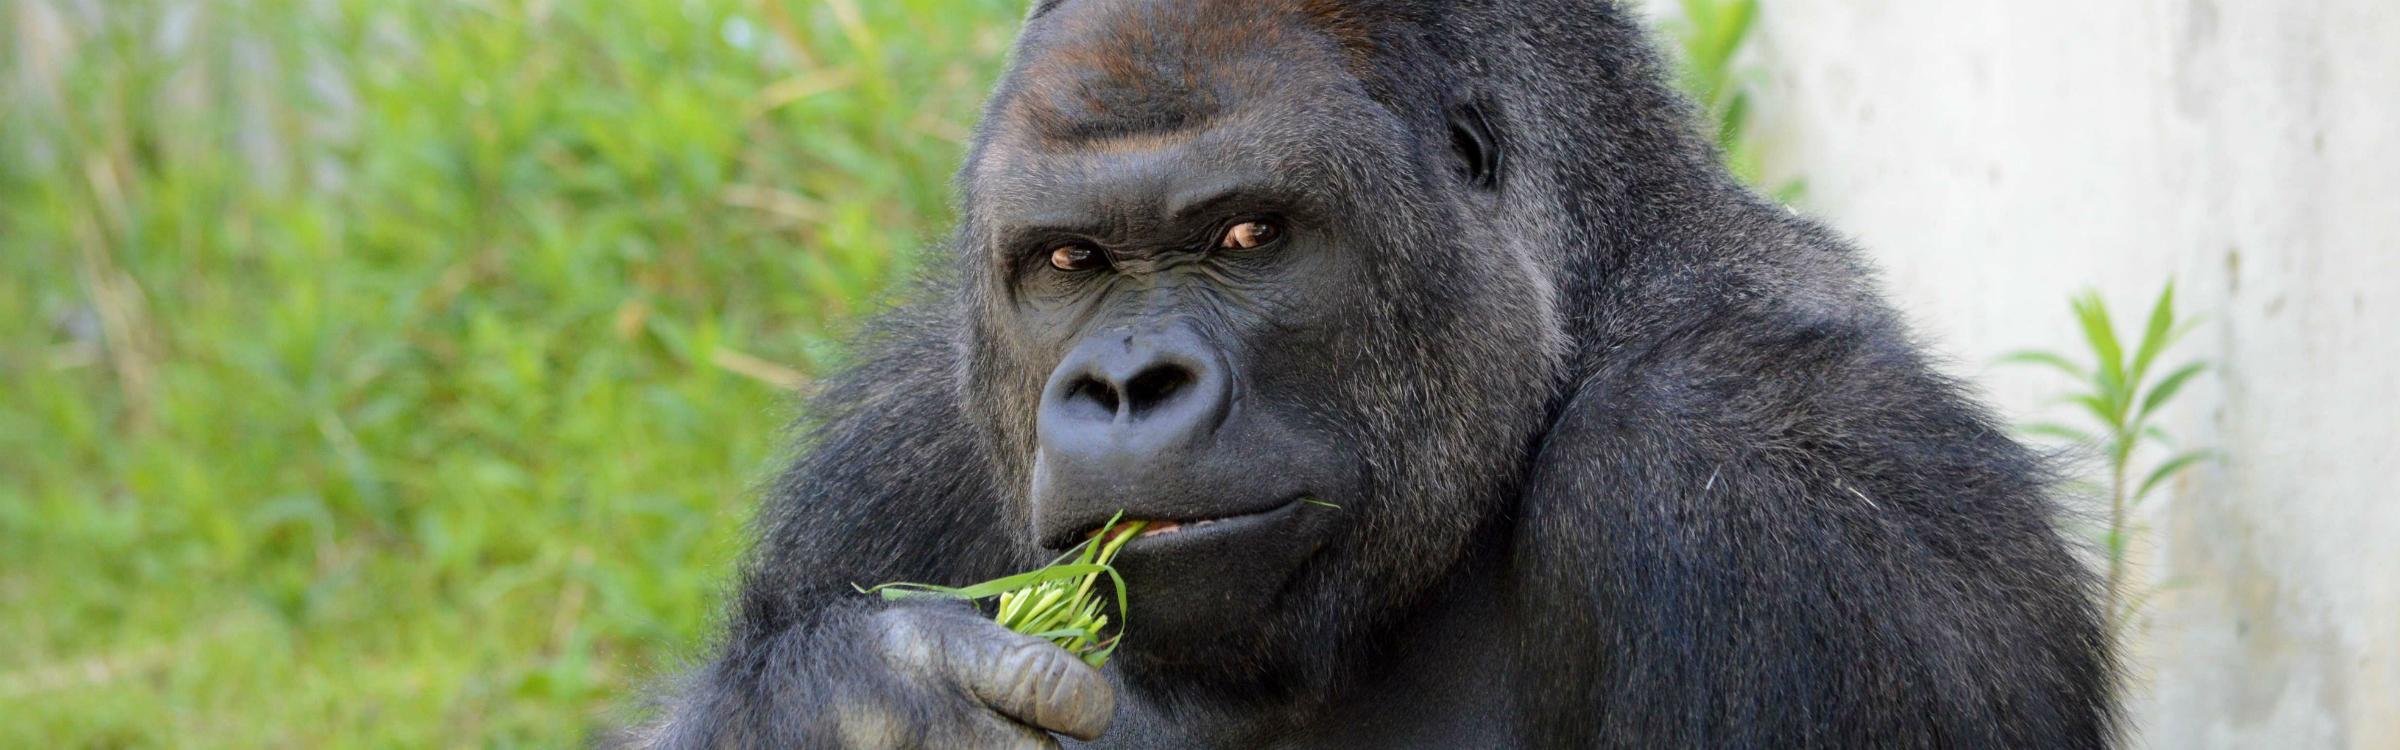 Gorillalaa.jpg header